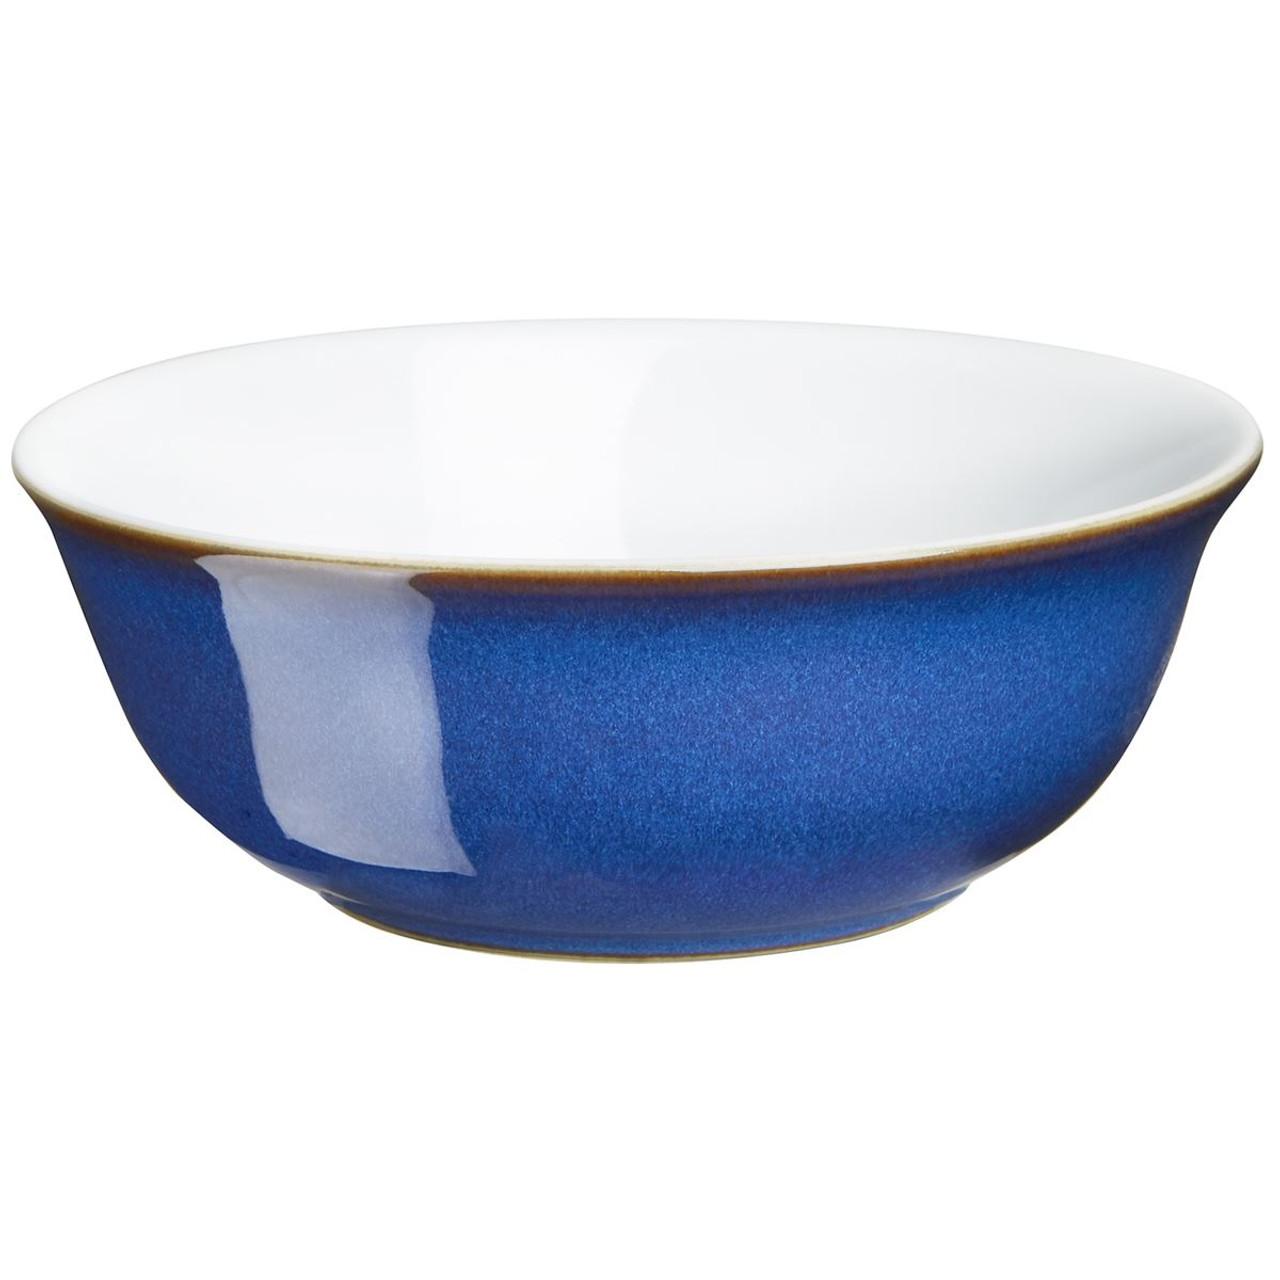 Denby Imperial Blue Cereal Bowl